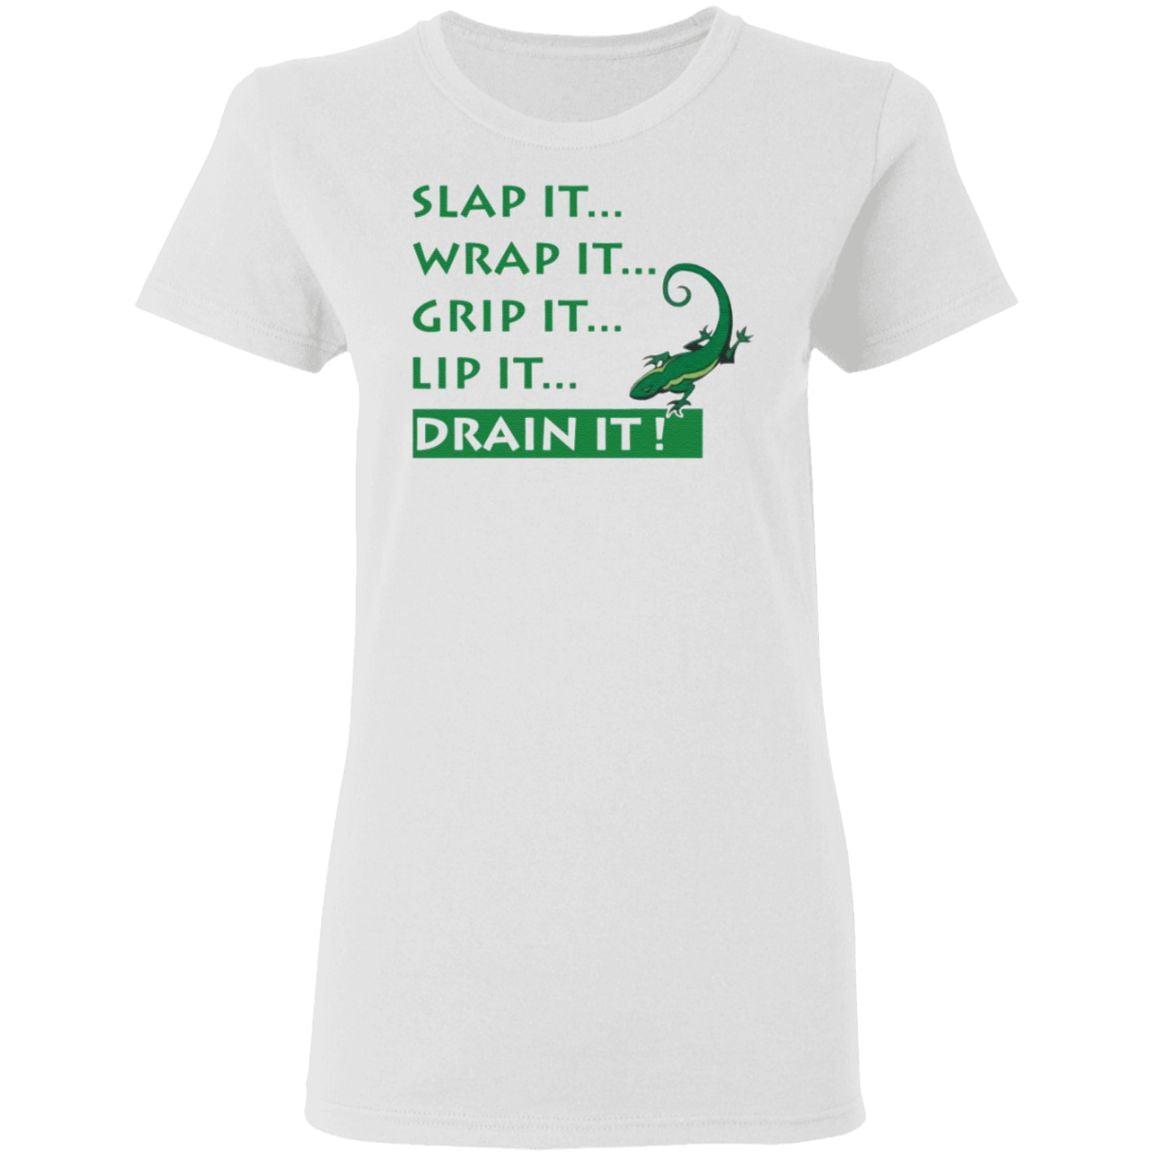 Slap It Wrap It Grip It Lip It Drain It Lizard t shirt